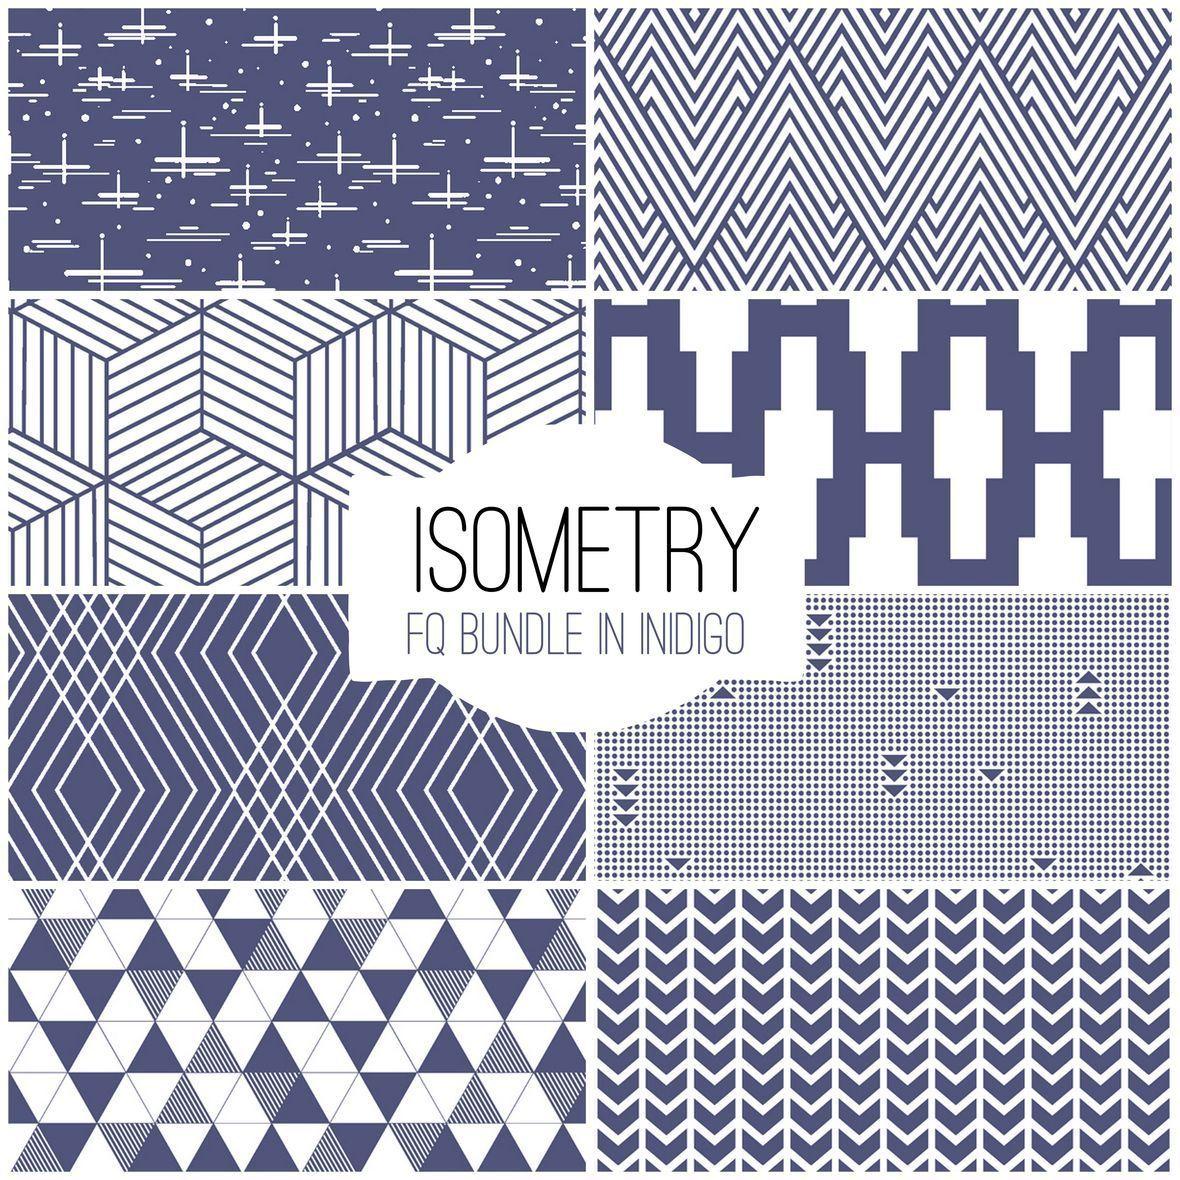 Isometry in Indigo